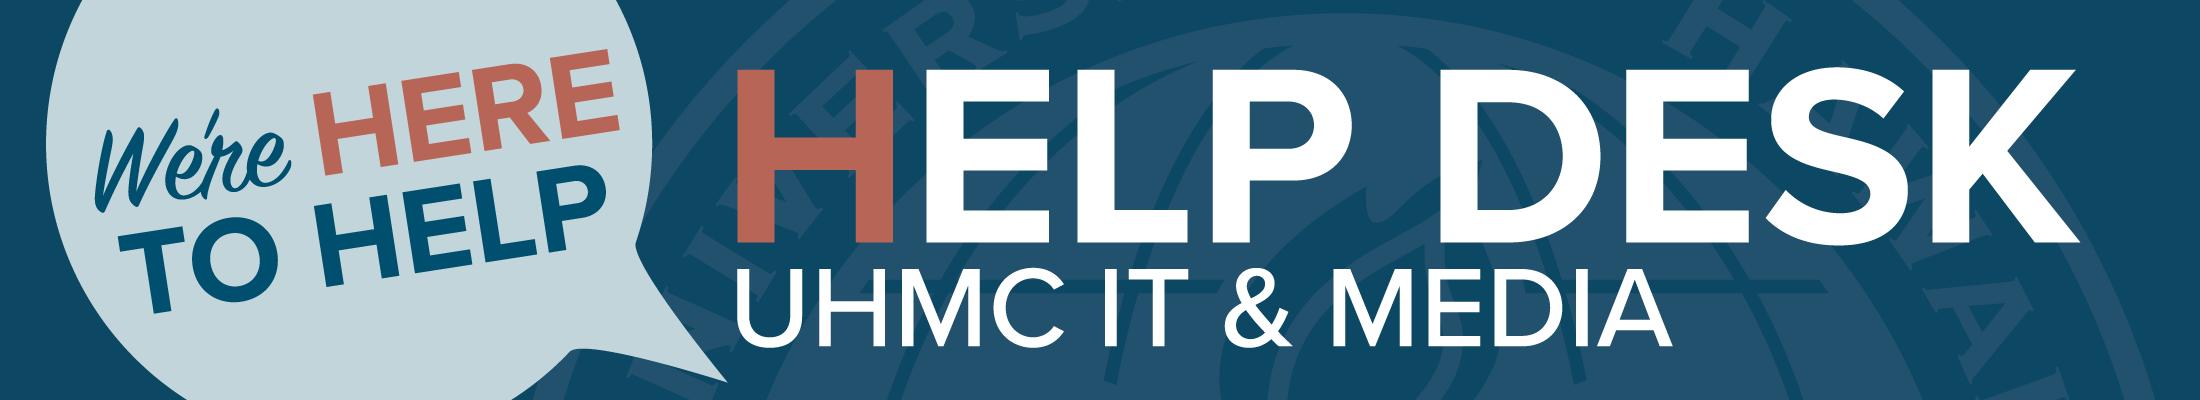 UHMC HelpDesk